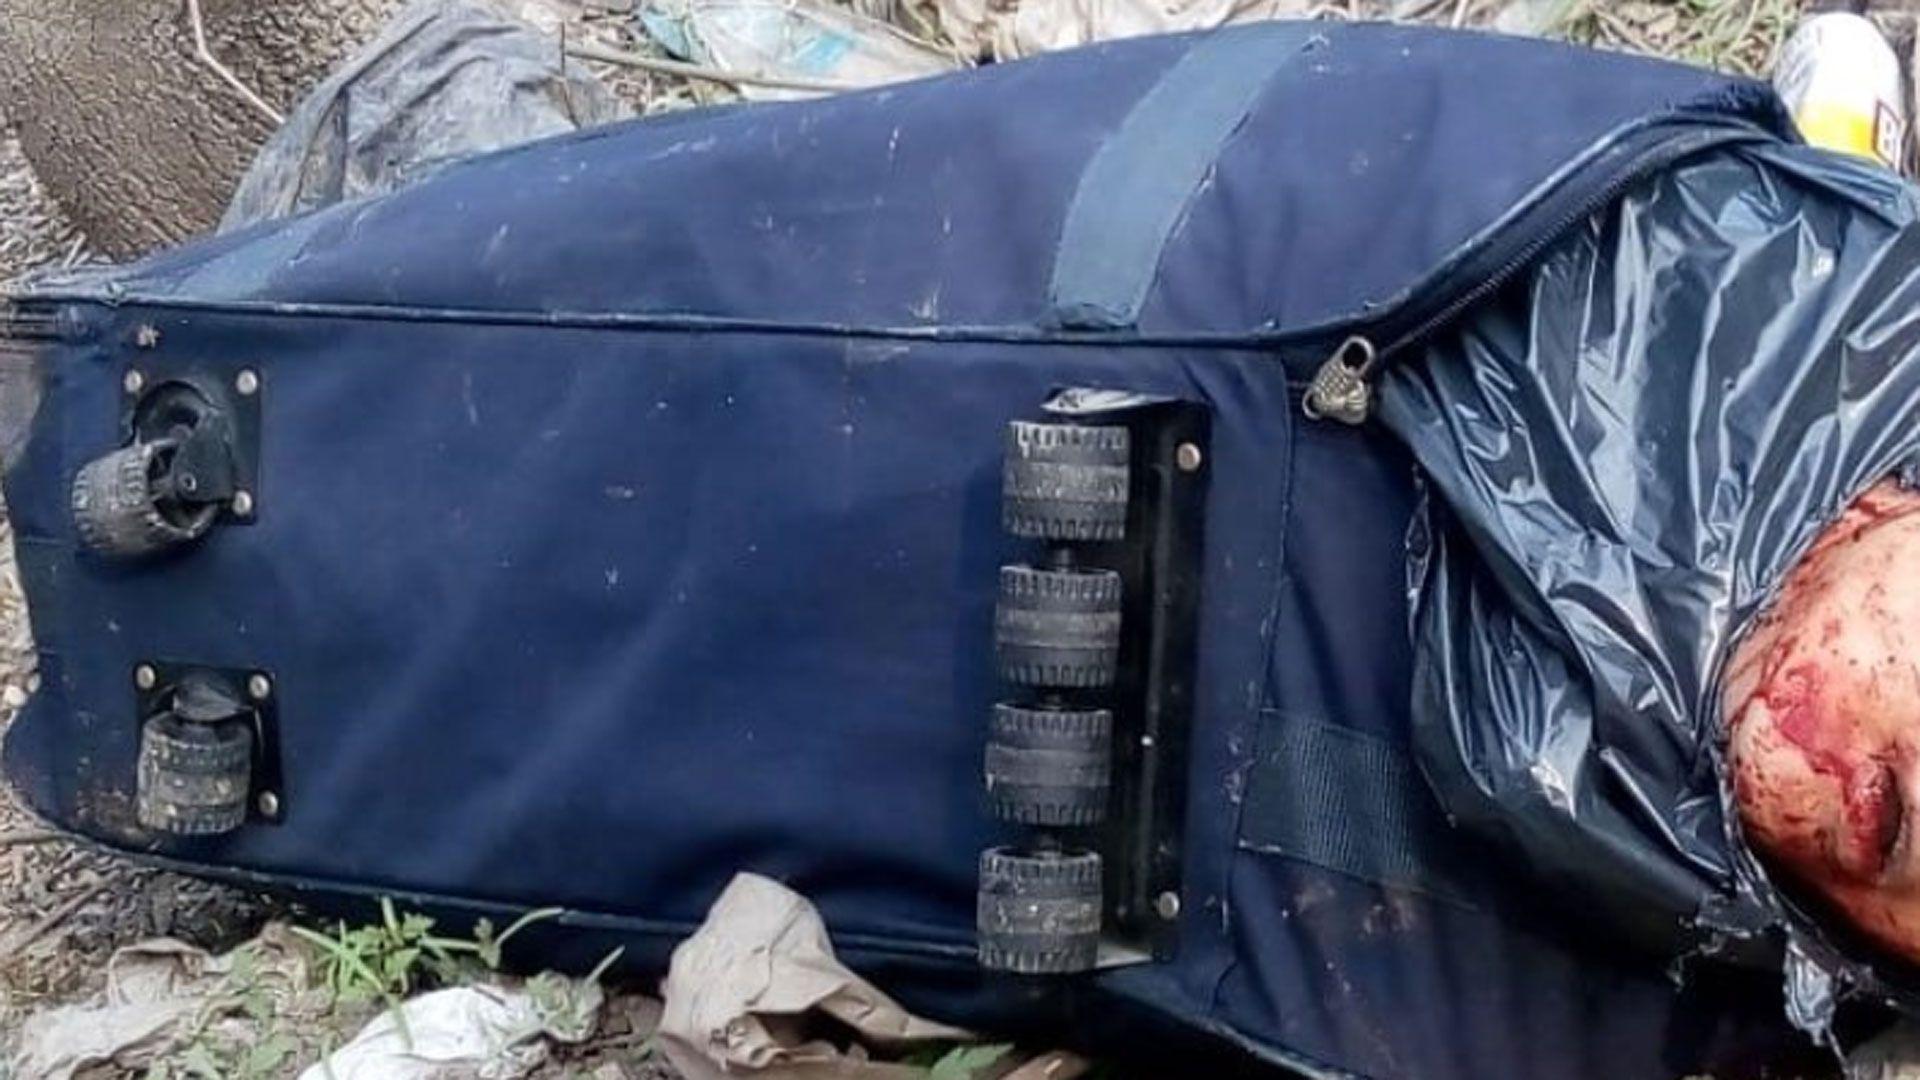 El cuerpo de un hombre con rasgos orientales dentro de una valija fue hallado por dos indigentes en Tristán Suarez